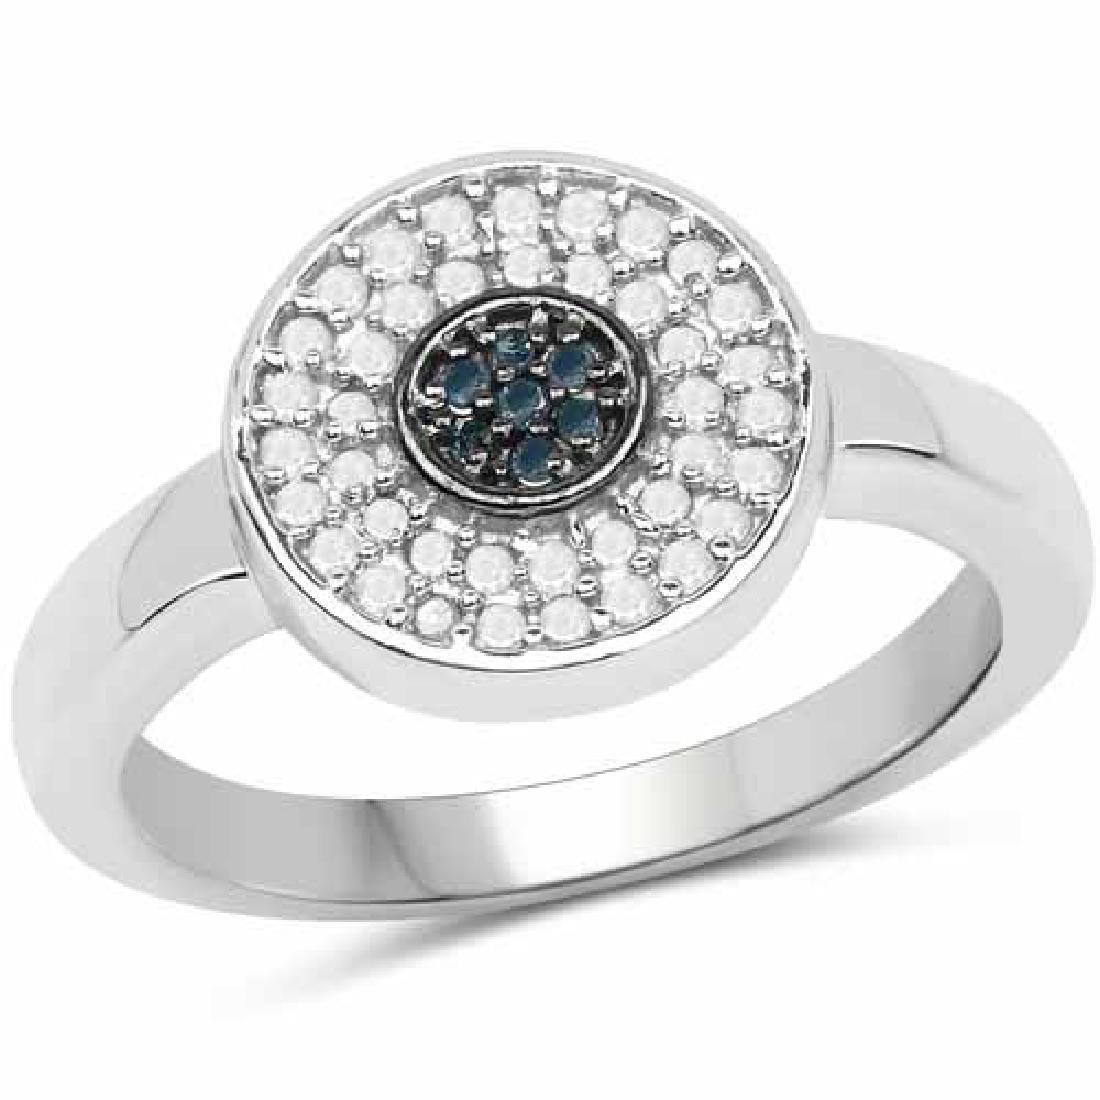 0.20 Carat Genuine Blue Diamond and White Diamond .925